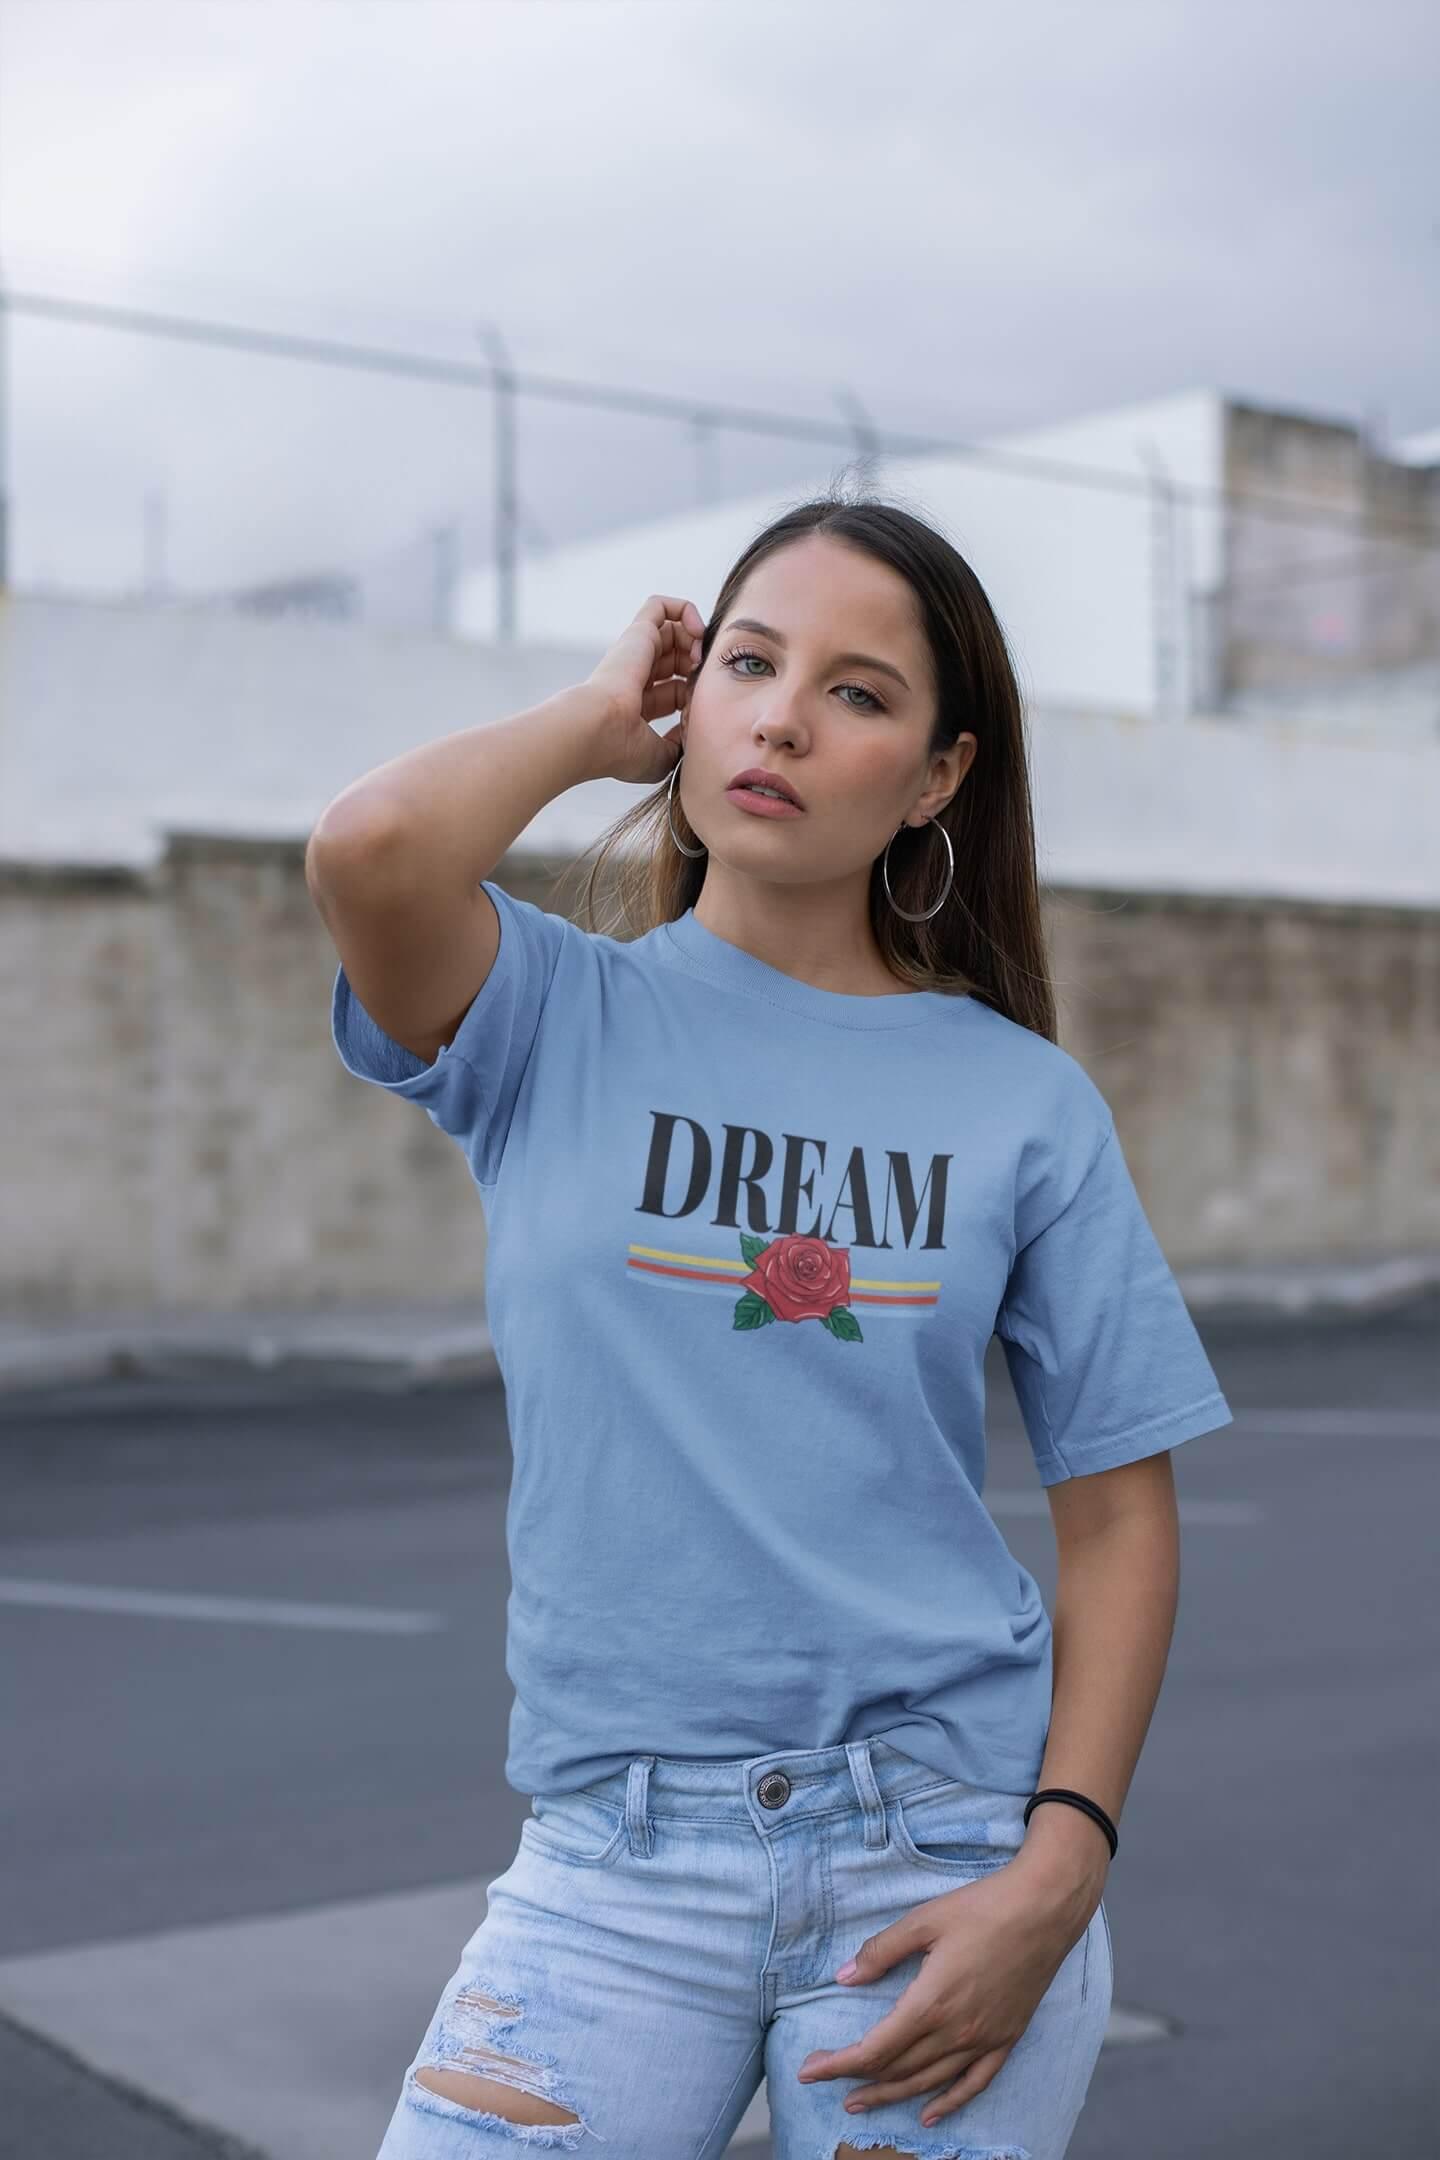 MMO Dámske tričko Dream Vyberte farbu: Svetlomodrá, Vyberte veľkosť: M